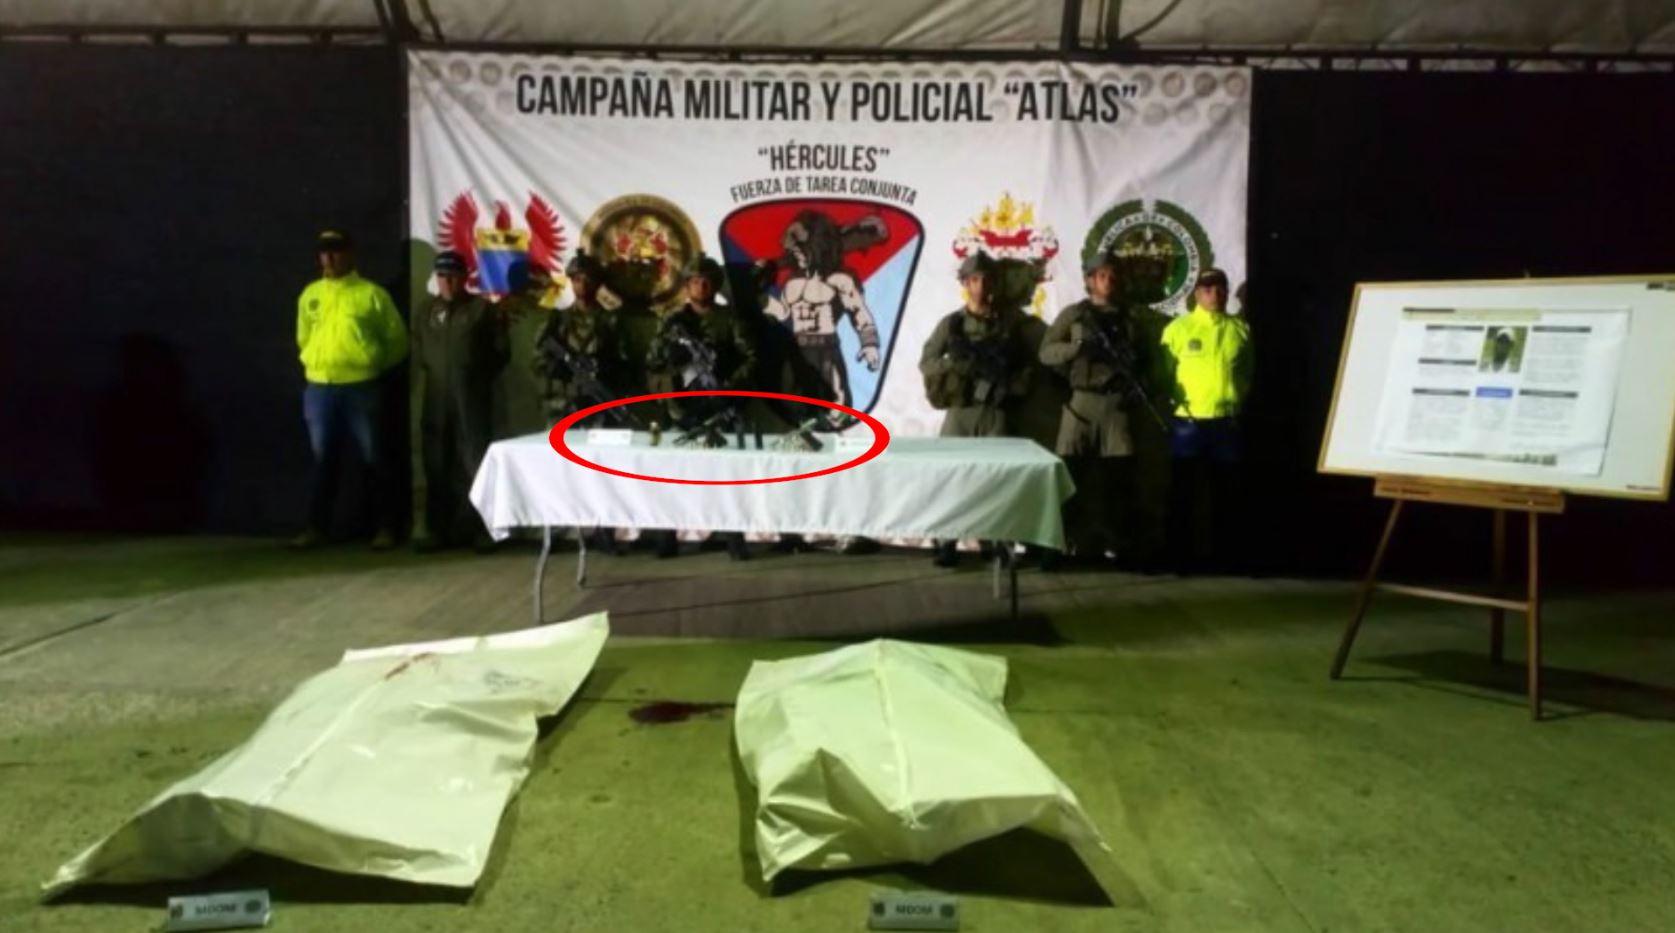 Fotografías demostrarían que persona muerta en operativo policial estaba durmiendo en su cama